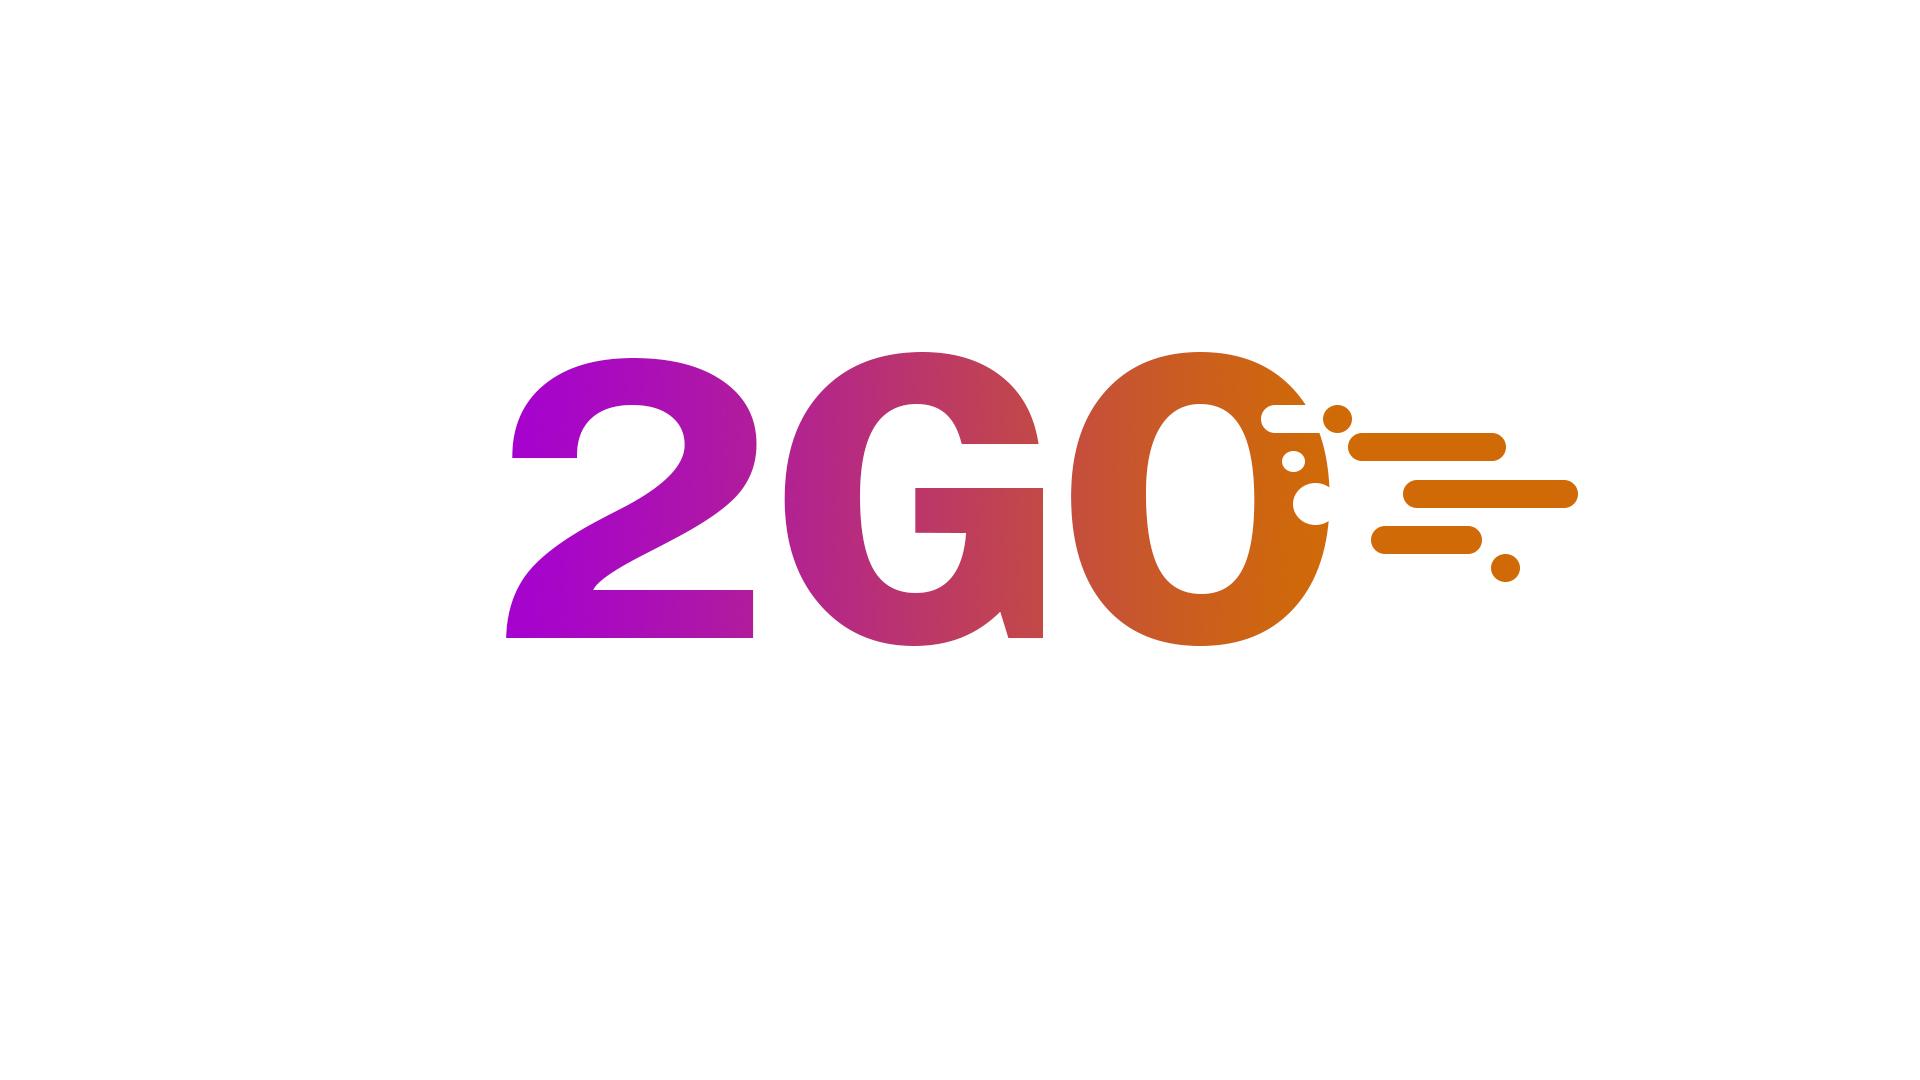 Разработать логотип и экран загрузки приложения фото f_0085a888f9e9f885.jpg